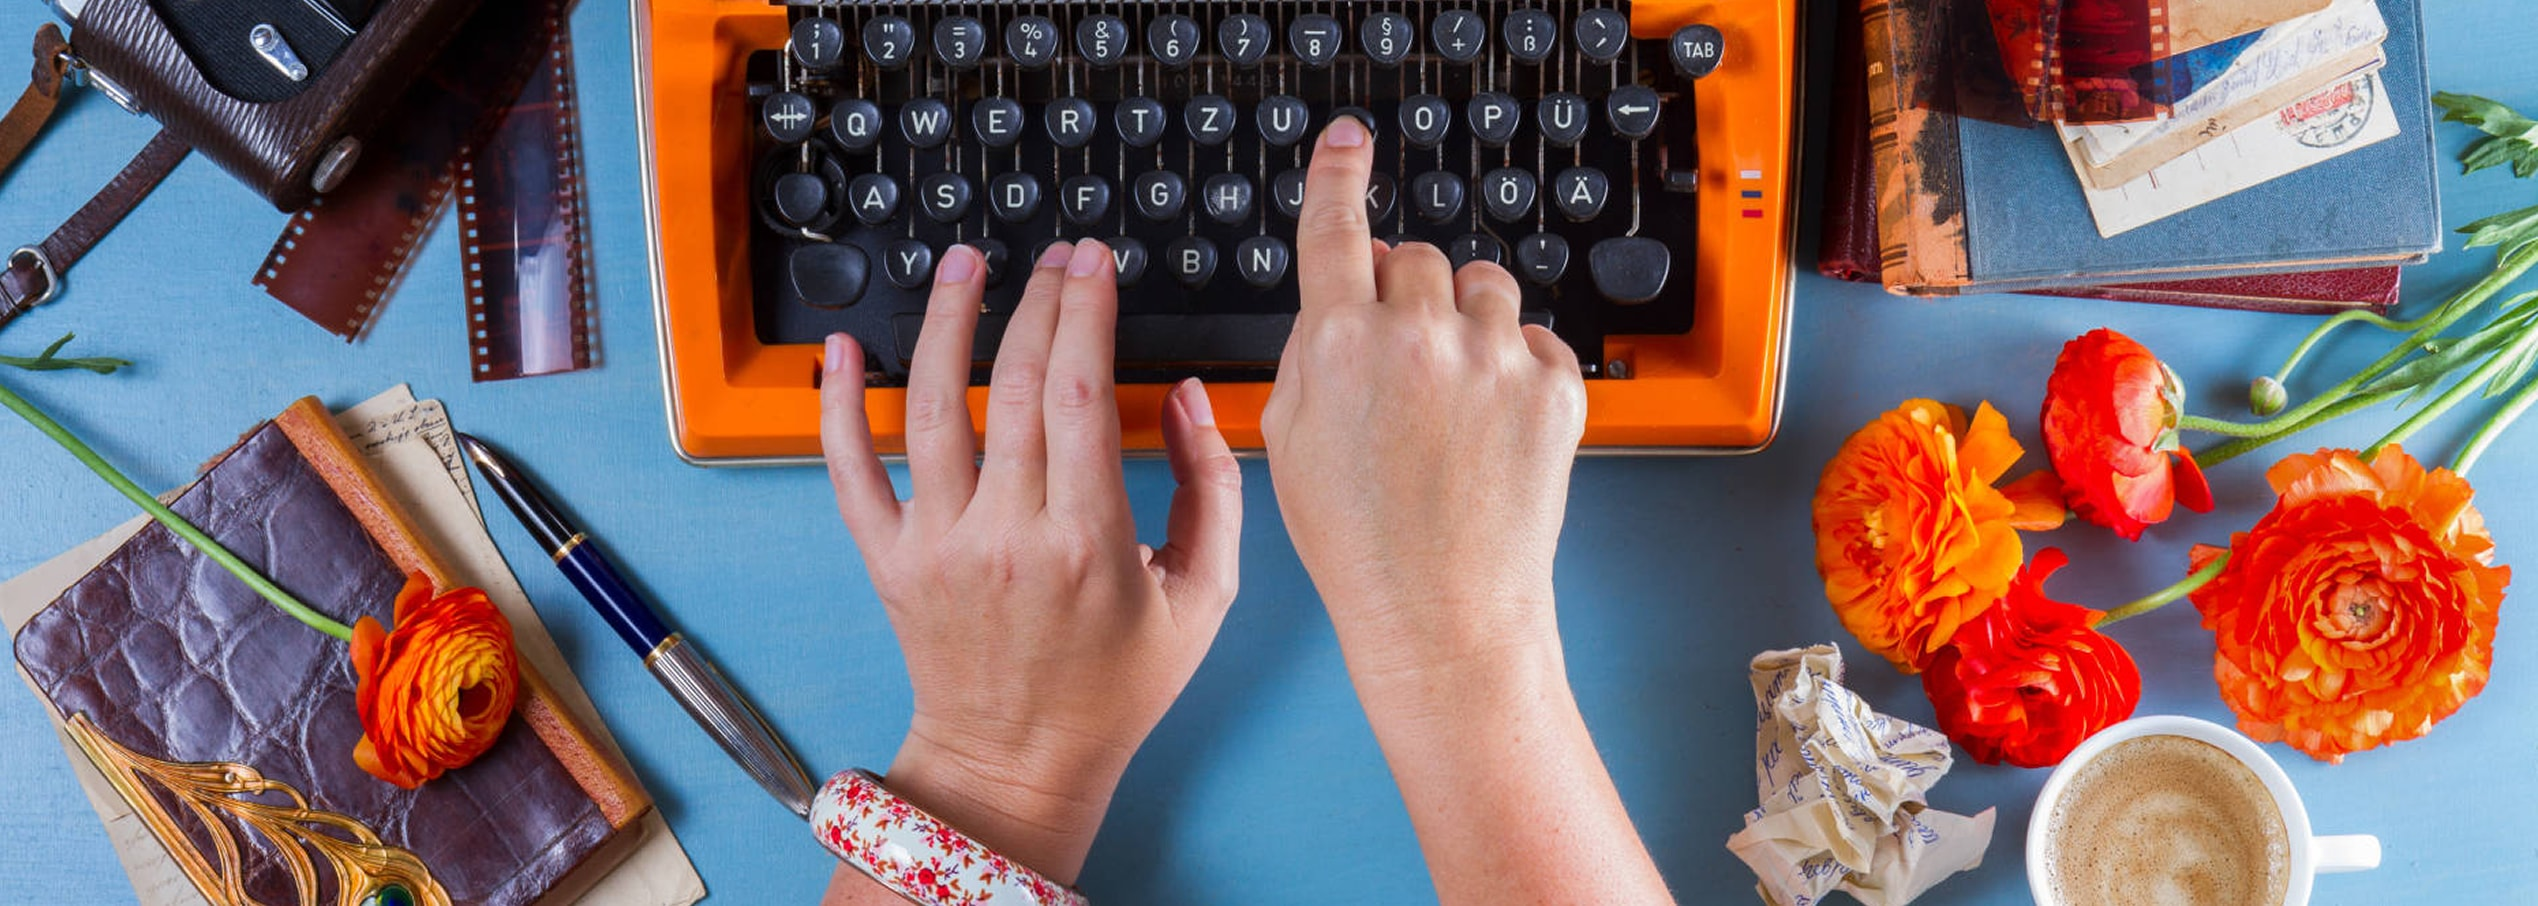 L'attività di blogging management consiste in una corretta gestione di scrittura e tecniche e ciò che meglio si profila per garantire